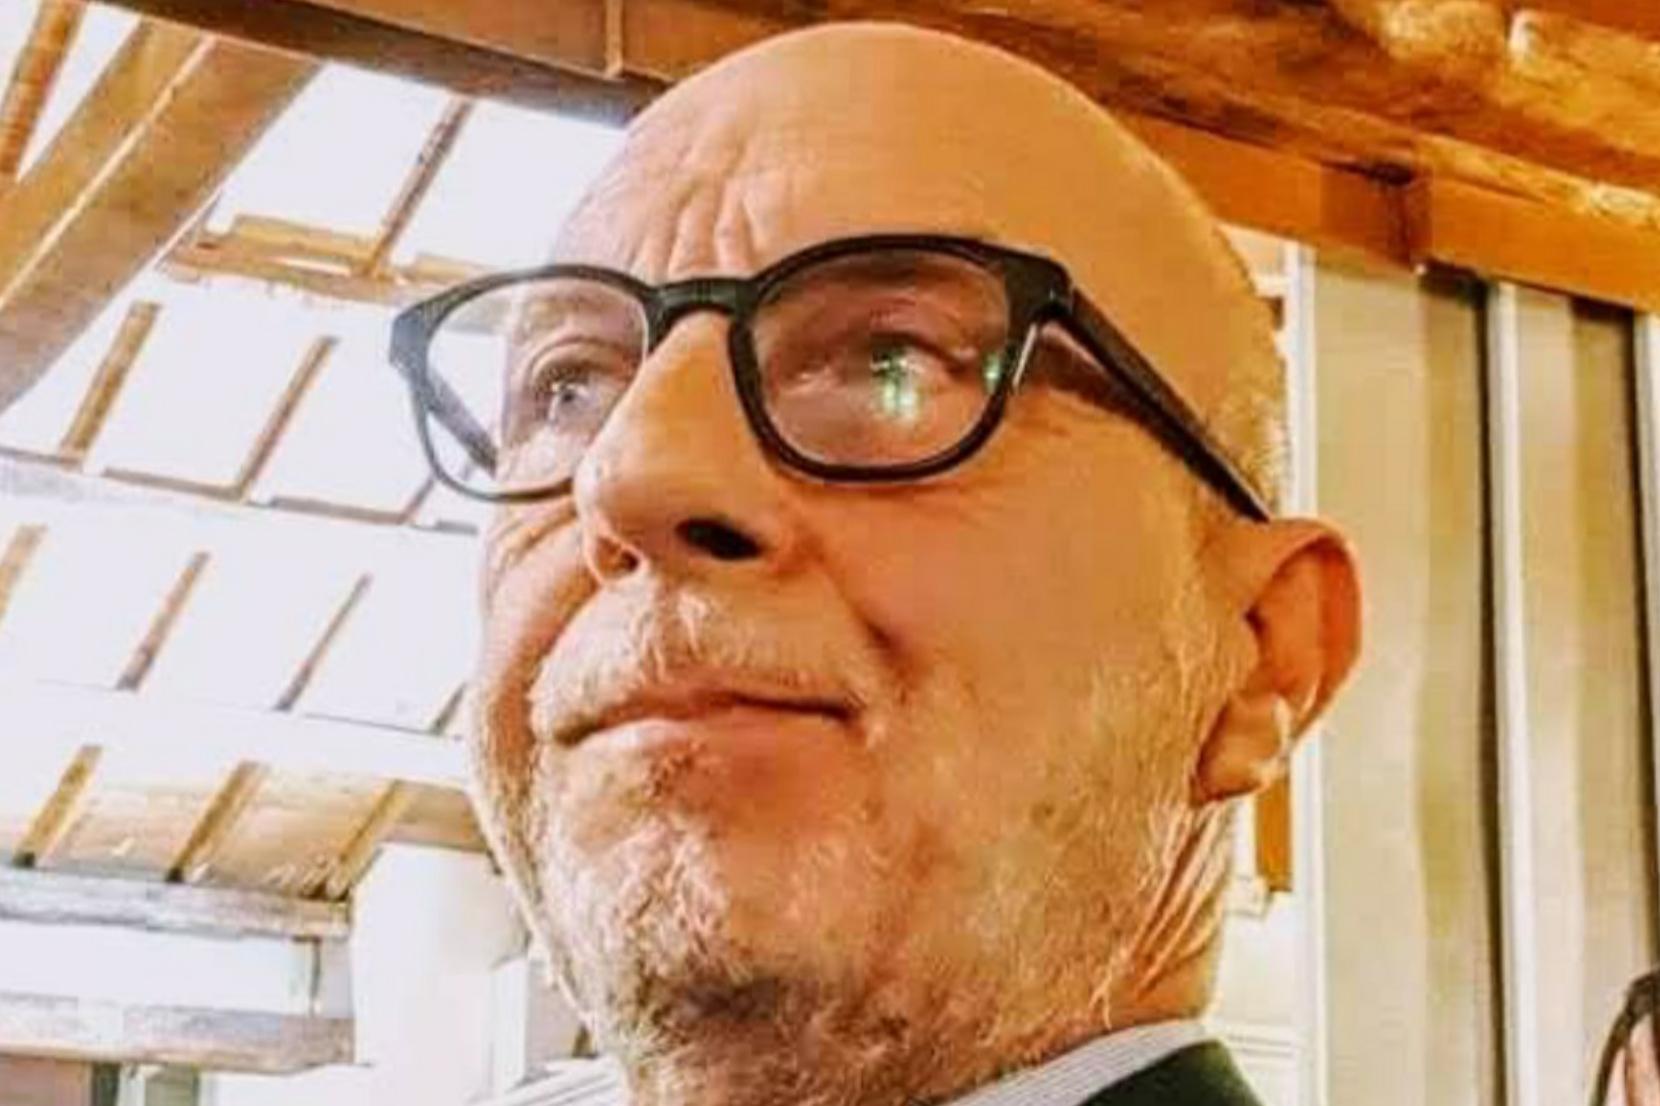 Radiomondo in questo fine 2020 ricorda l'amico musicista Tiziano Macilenti